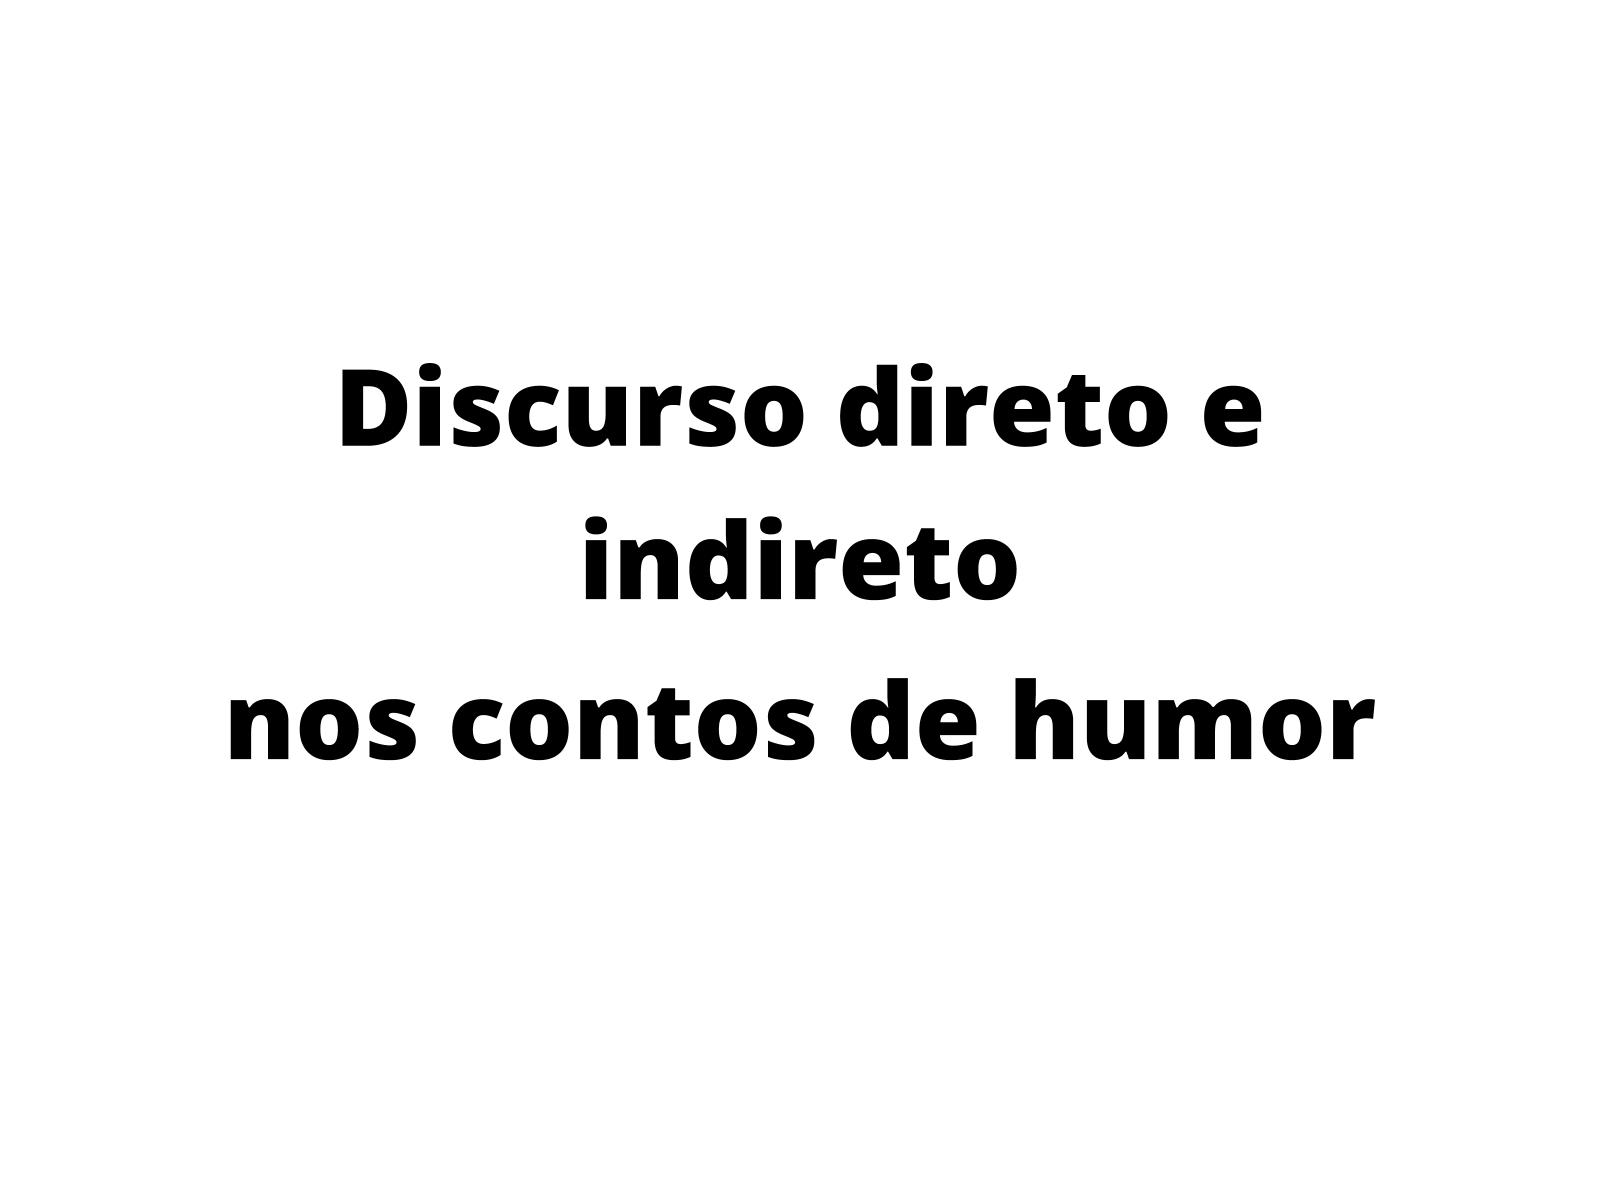 Discurso direto e indireto nos contos de humor